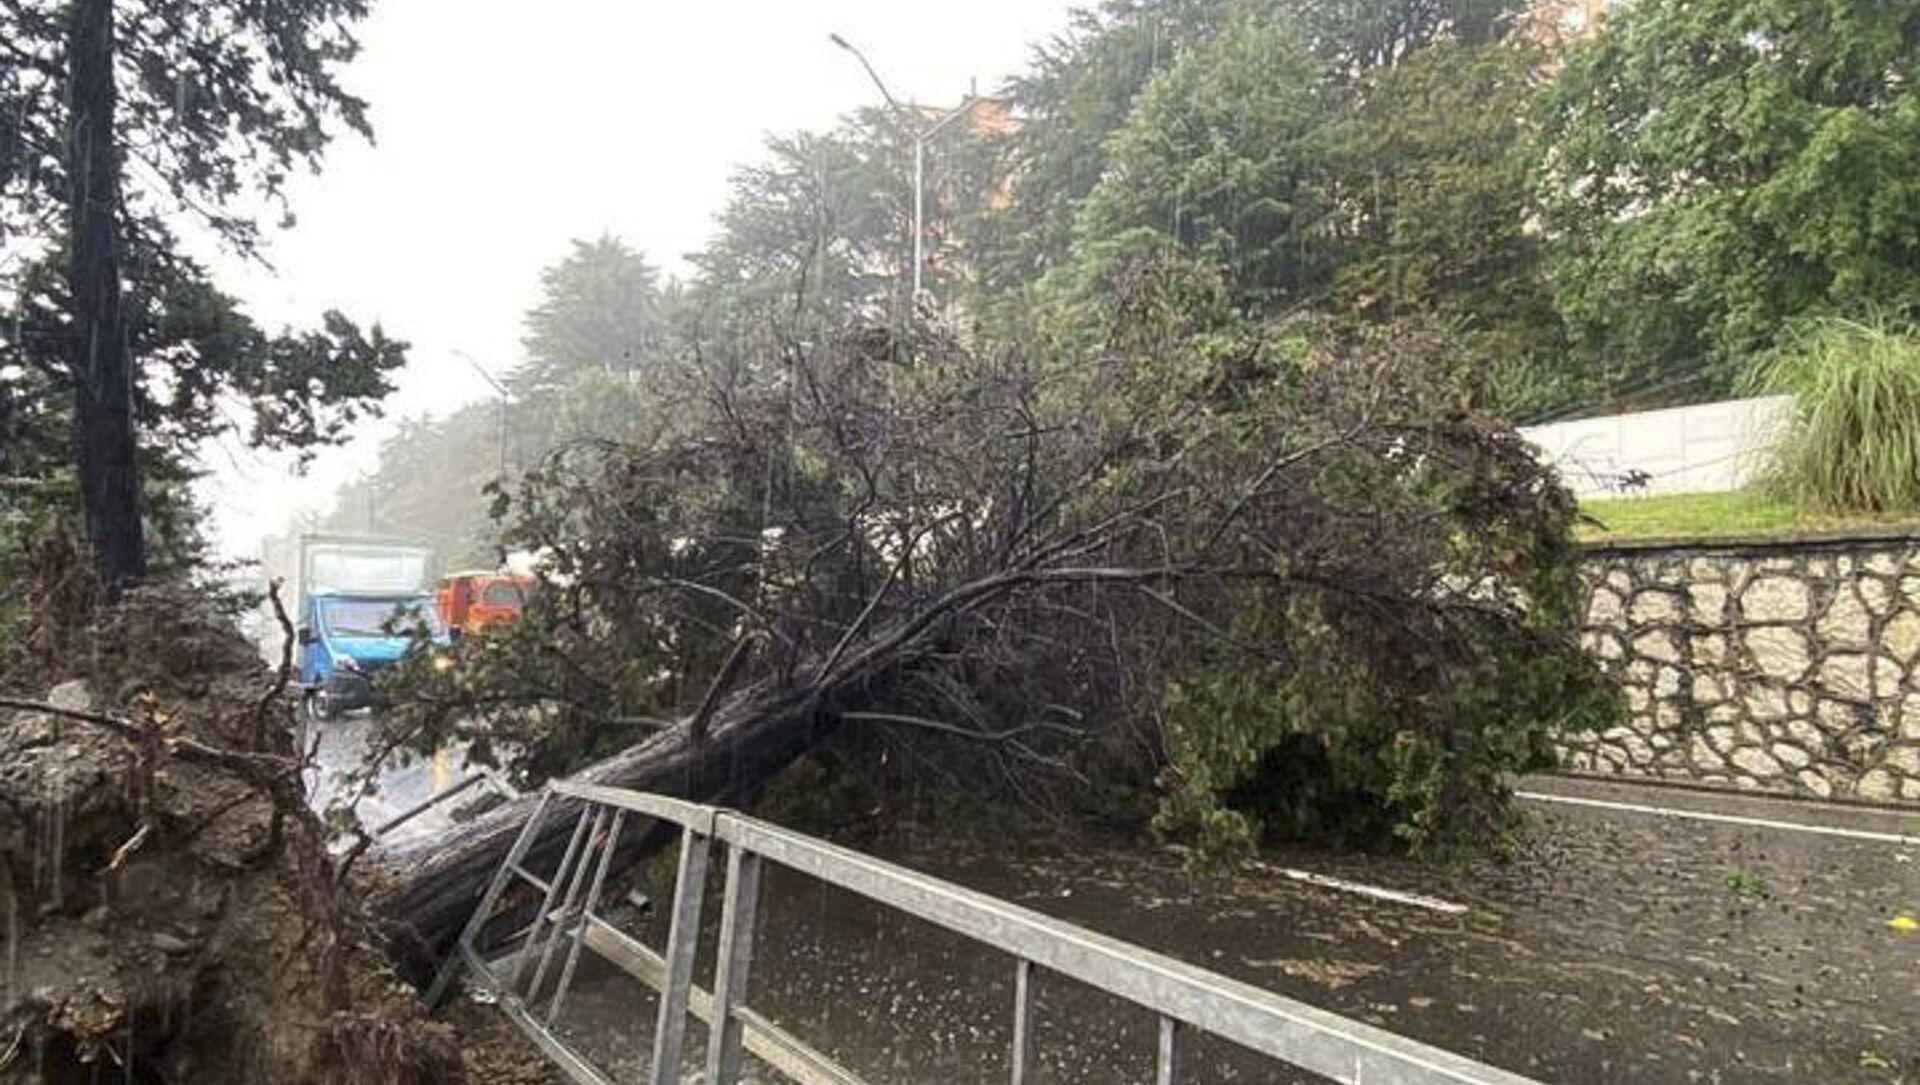 Дерево упало на проезжую часть в Сочи  - Sputnik Абхазия, 1920, 02.09.2021